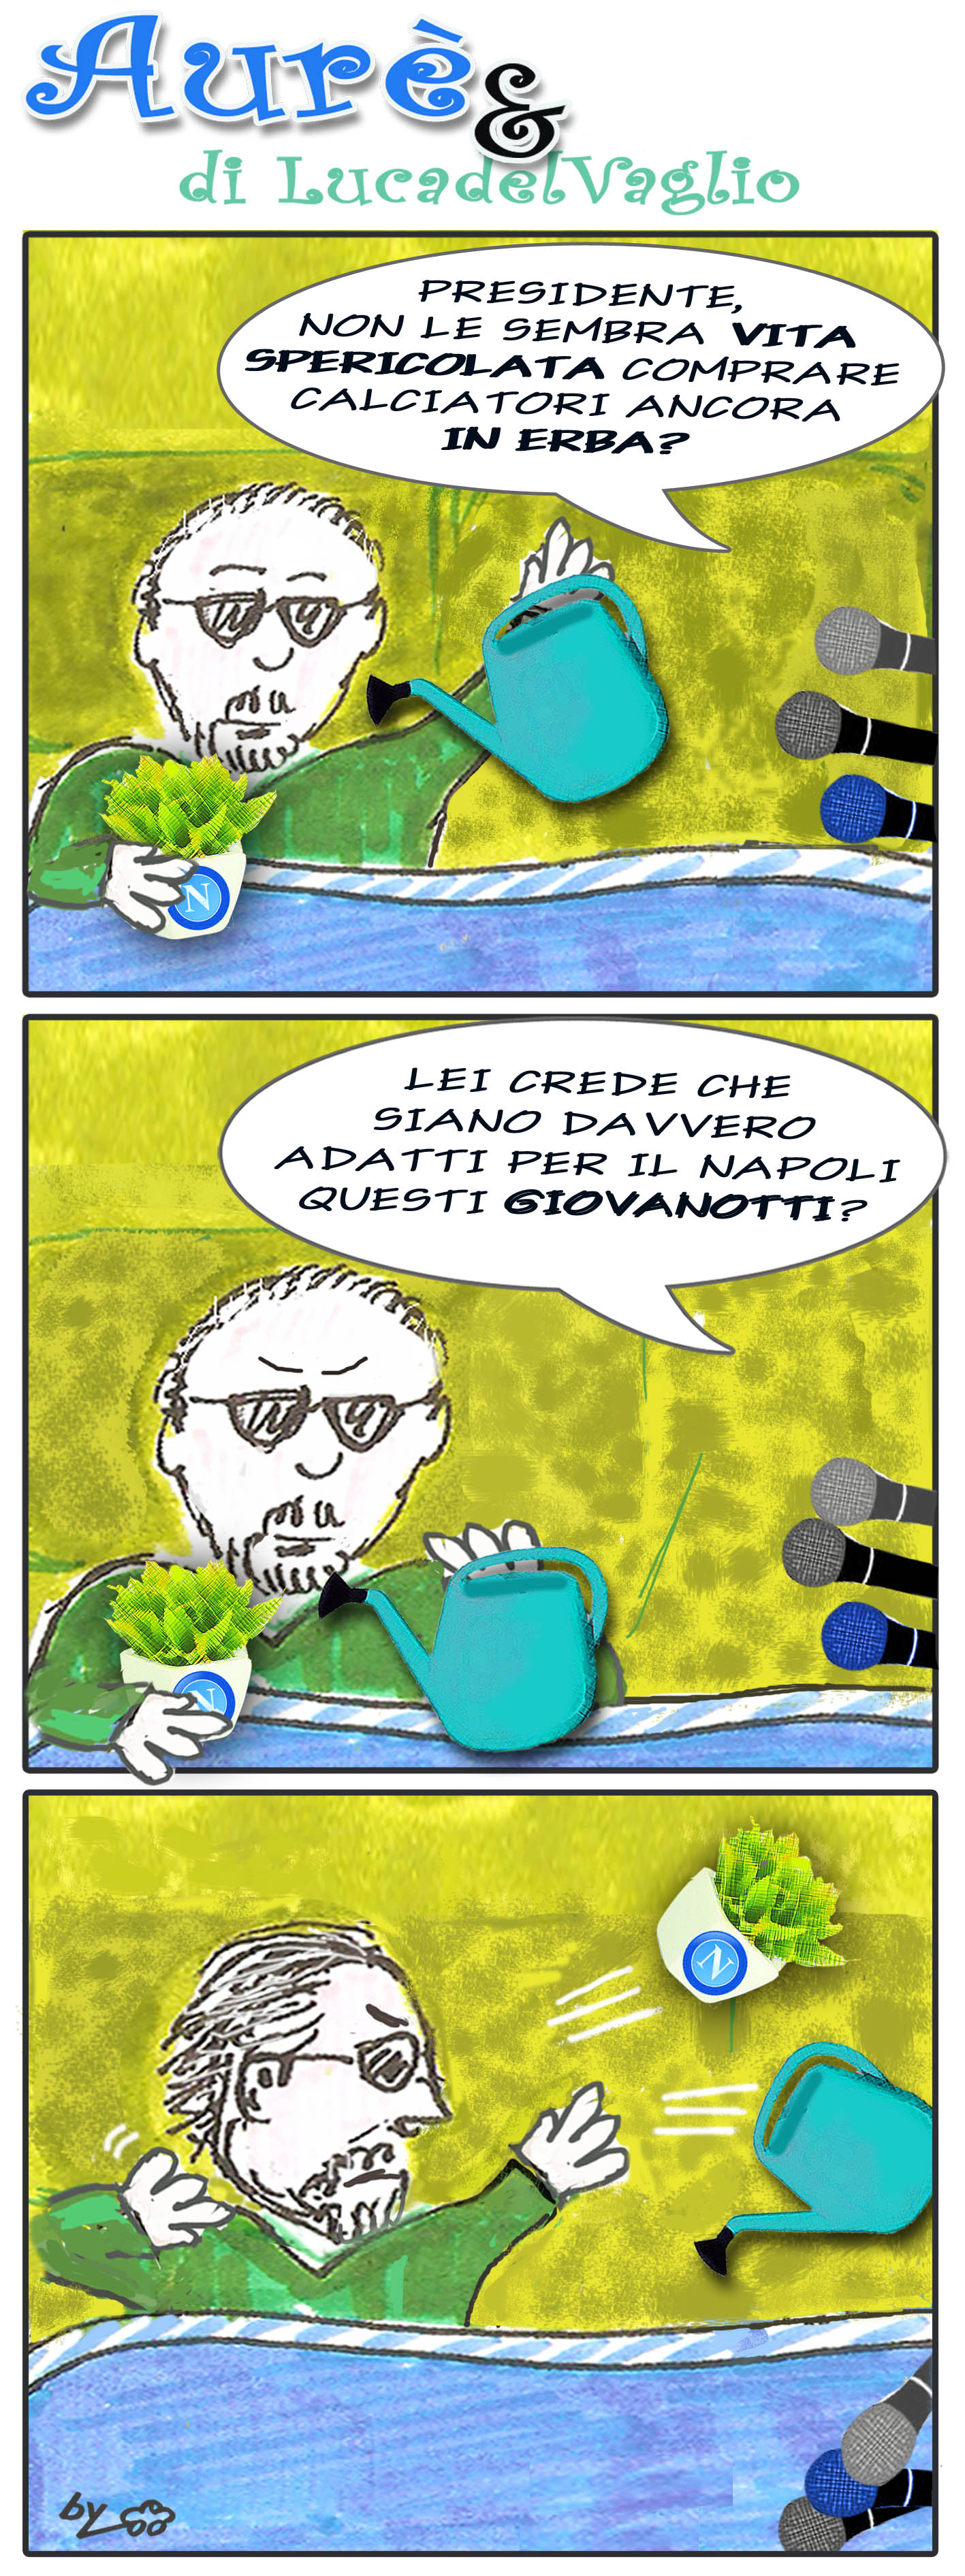 Aure' e il Napoli dei calciatori in erba